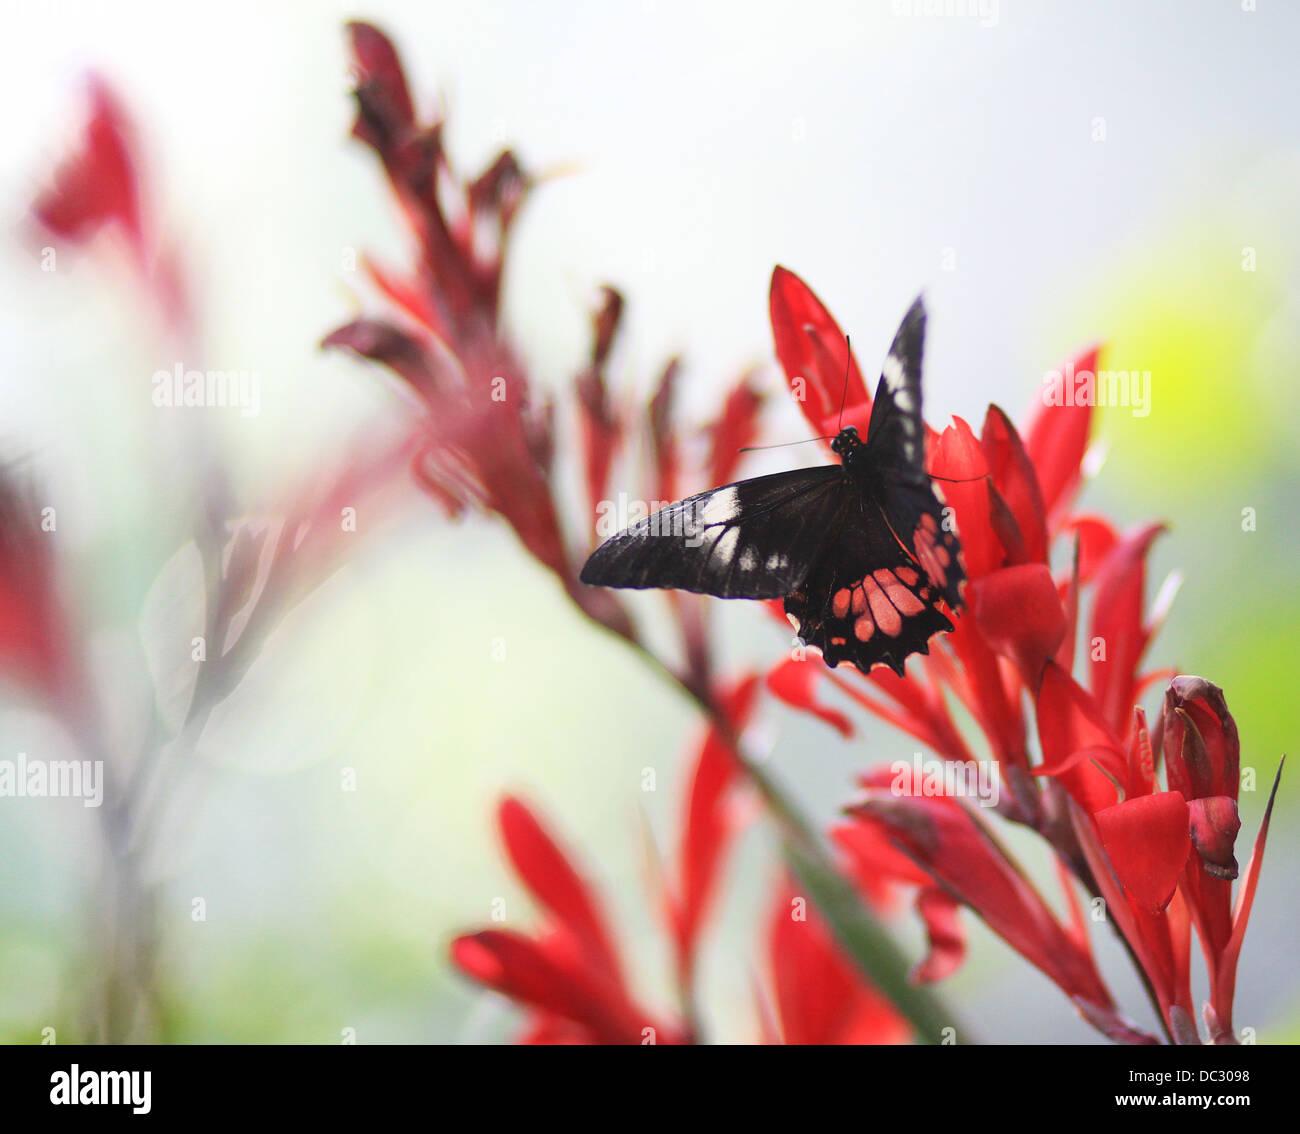 Mormón común (Papilio polytes),forma romulus,mujeres,donde se posan sobre una flor. Es una especie común Imagen De Stock